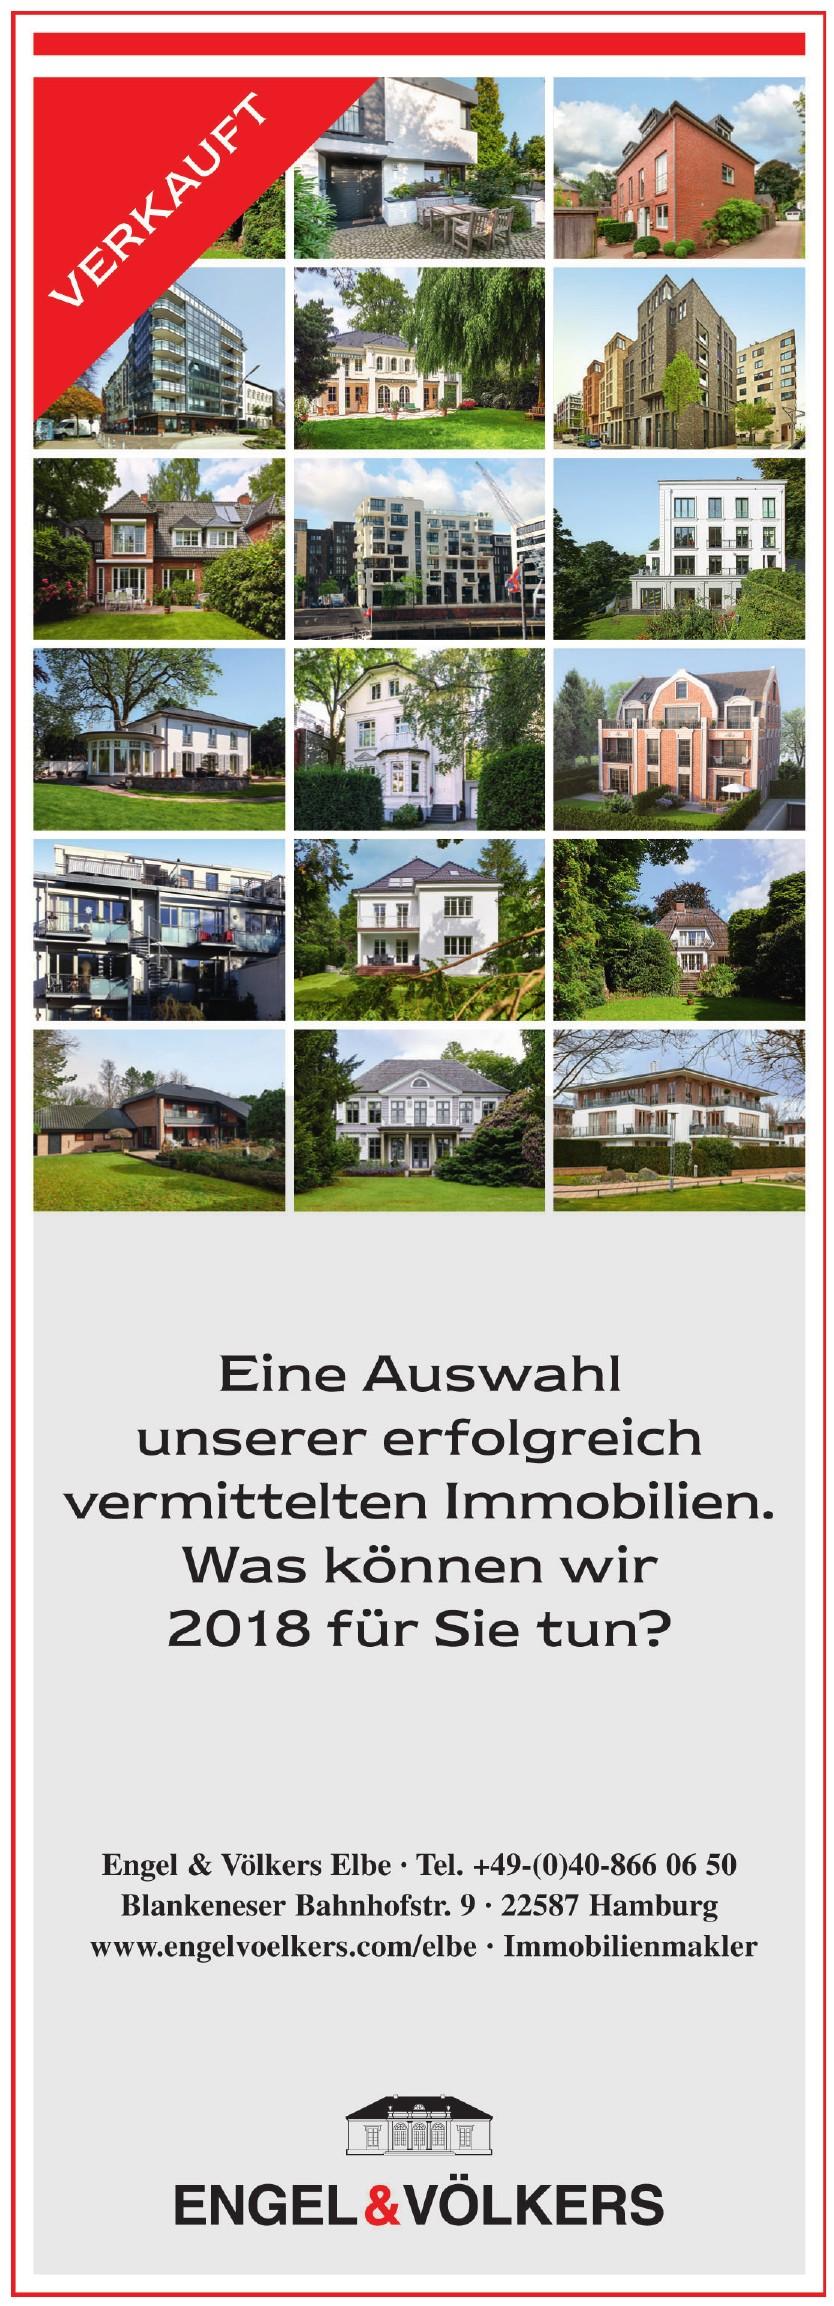 Engel & Völkers Elbe Immobilienmarkt